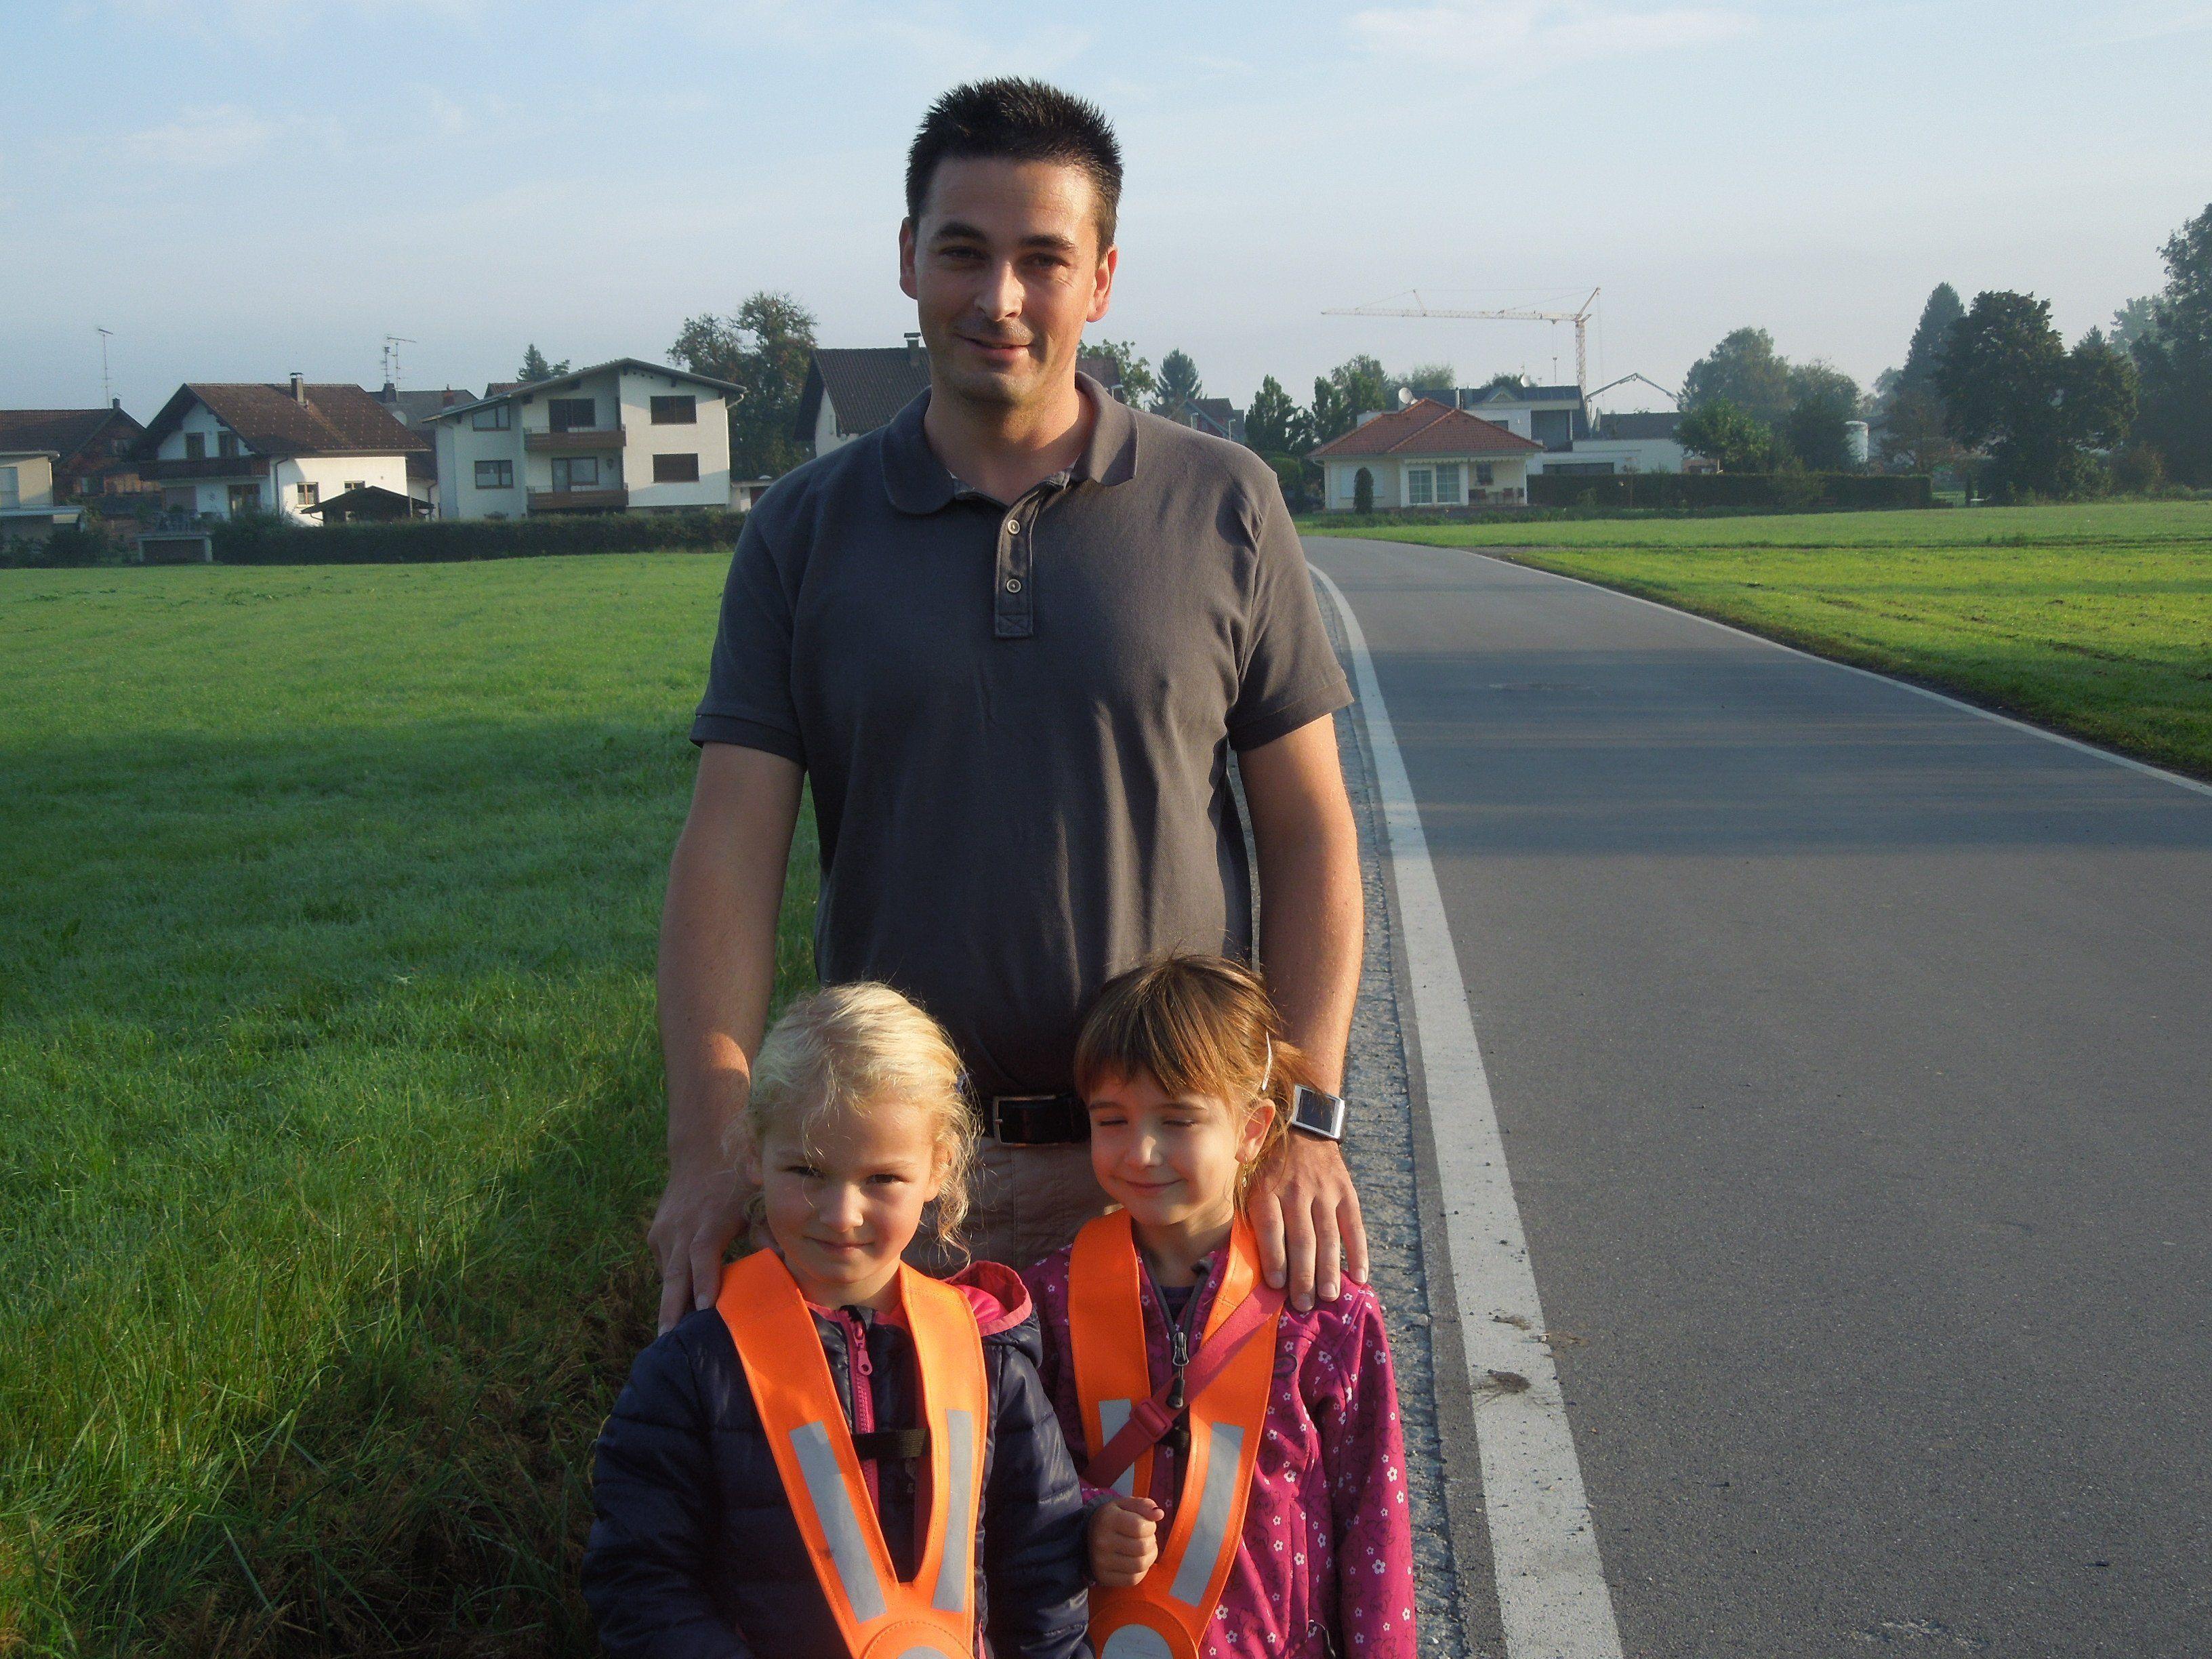 Pierre Jäger wünscht sich, dass die Kinder entlang der Forststraße einen sicheren Kindergarten- und Schulweg bekommen.